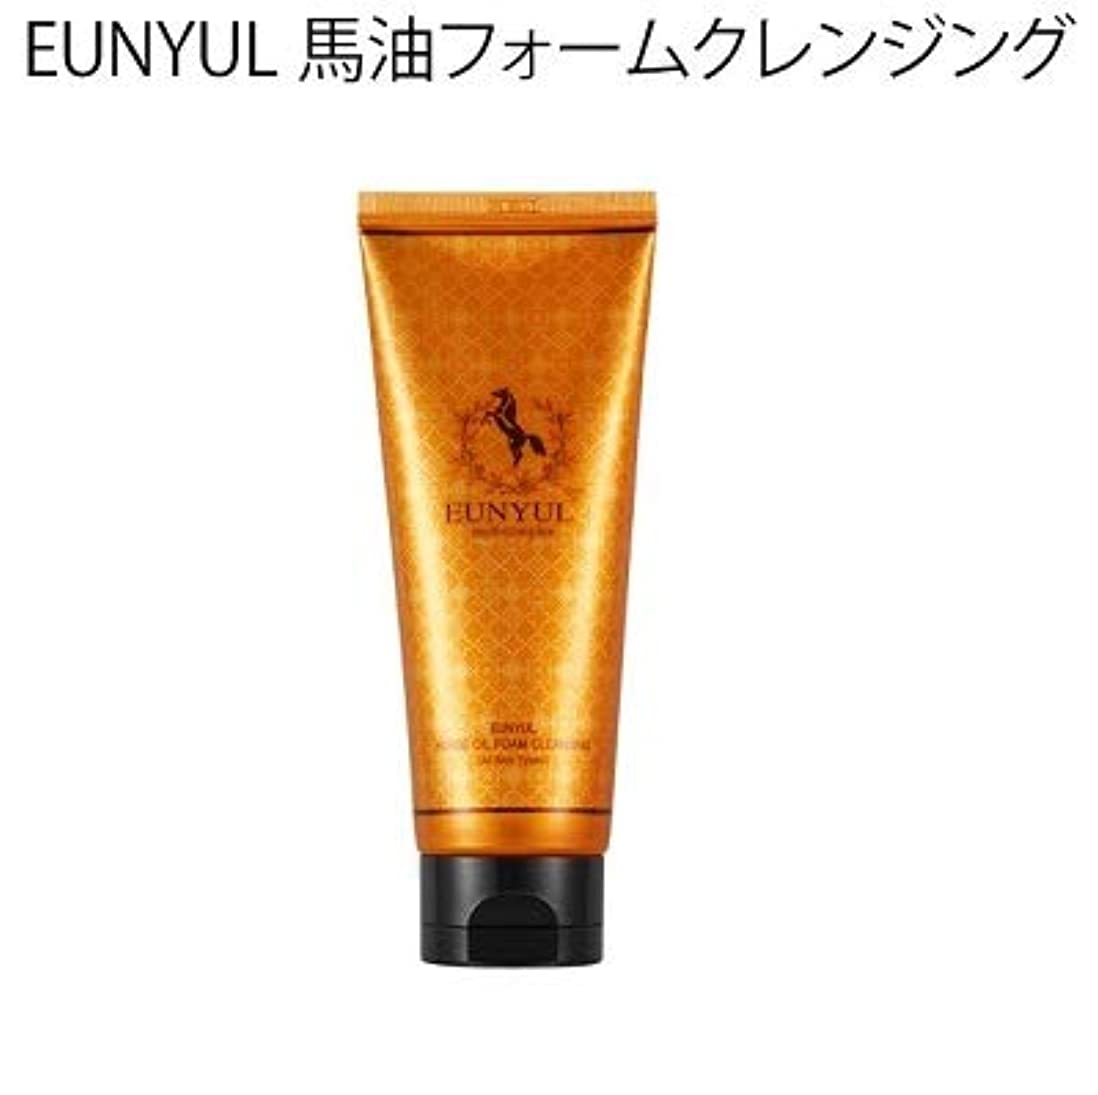 ドラッグスクランブル拘束韓国 EUNYUL 馬油フォームクレンジング 洗顔フォーム(150ml)